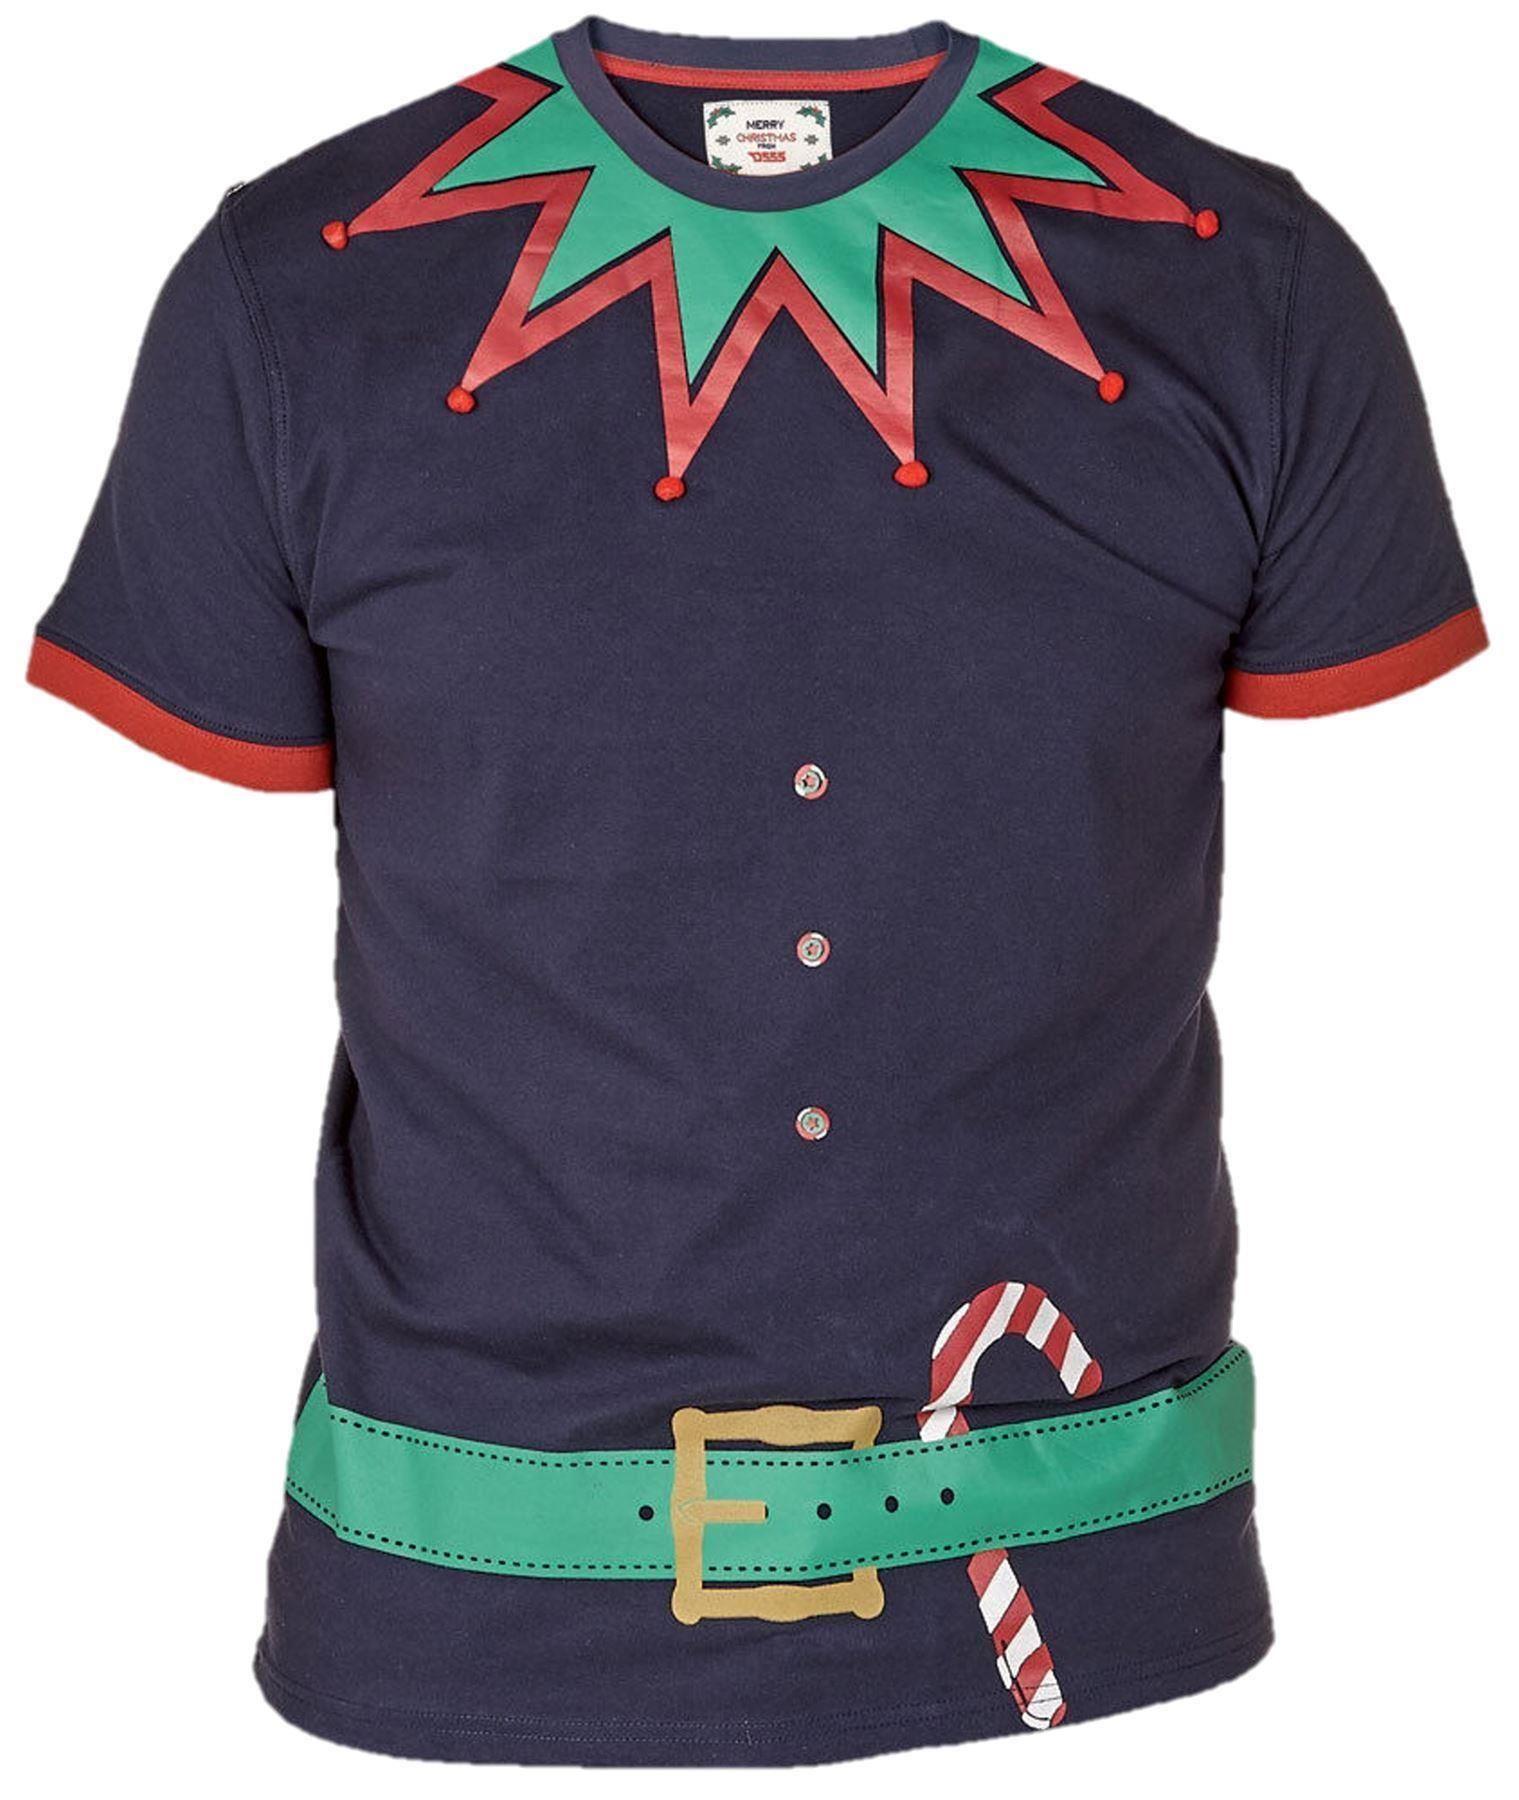 Mens christmas t shirt 3xl 4xl 5xl 6xl t shirt ebay for Mens t shirts 4xl